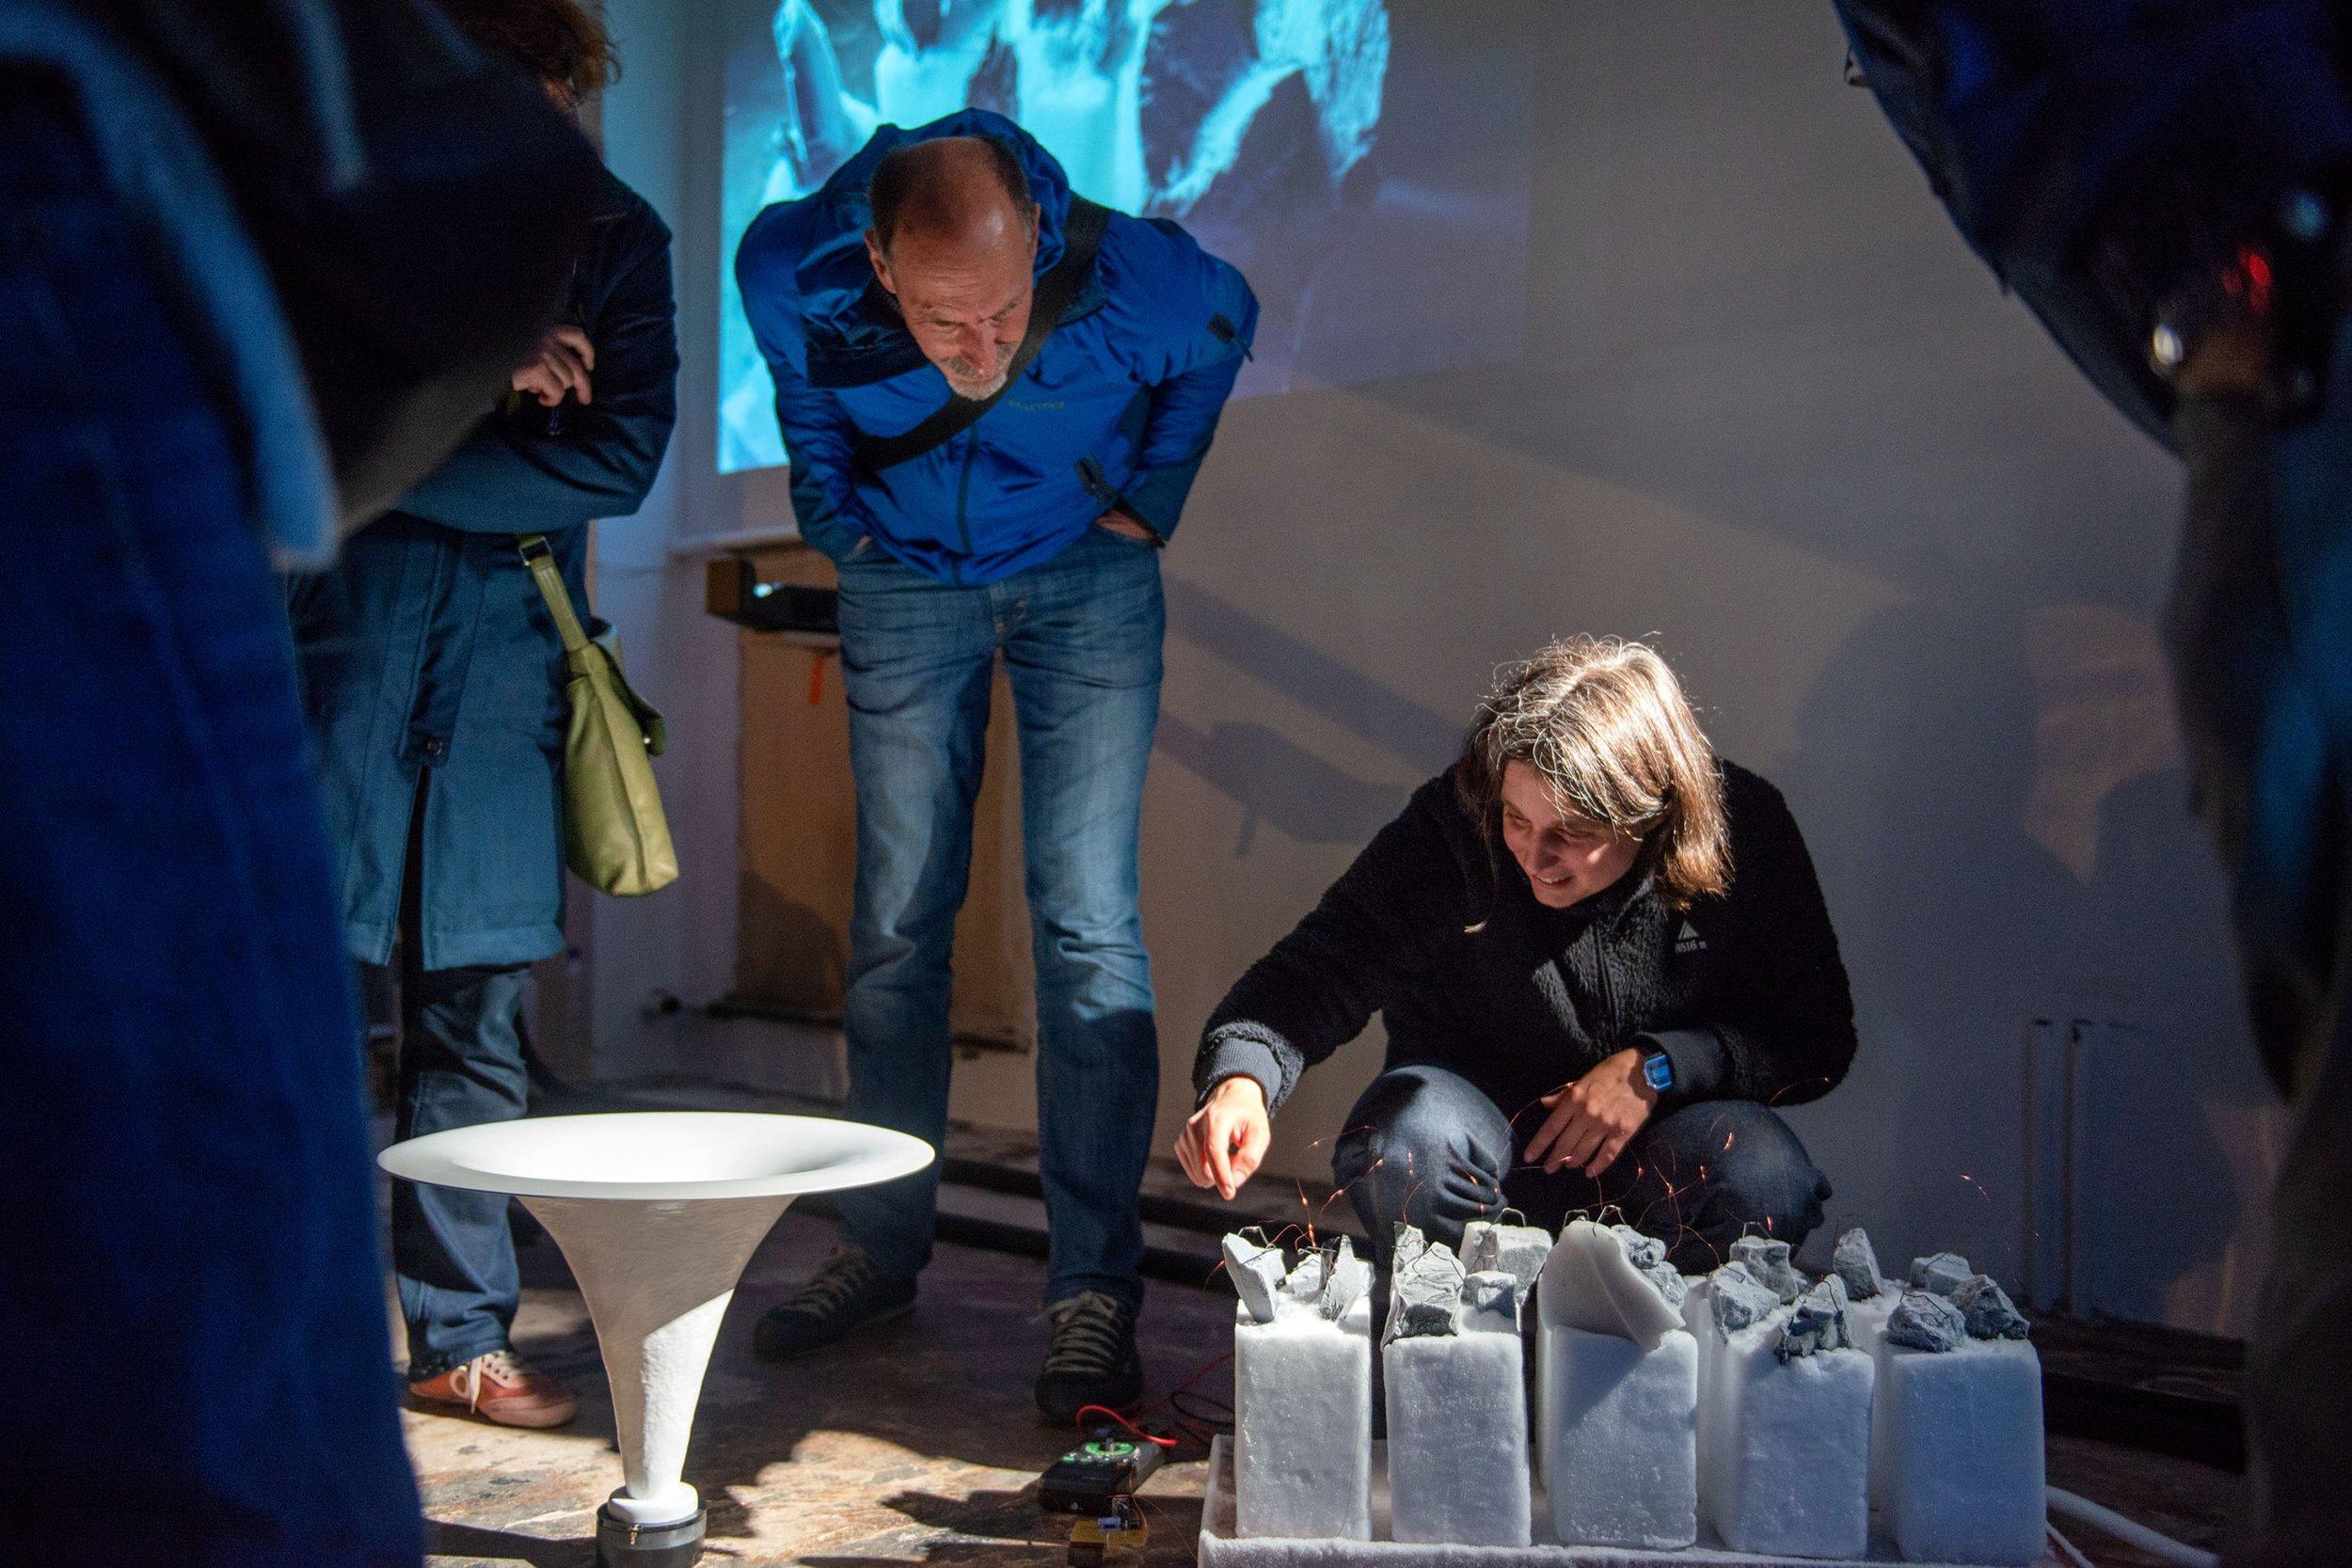 """Ausstellung """"Schnee, Eis, Kohle & Silizium"""" von   Anna Comiotto  , November 2018  Kuration: Samuel Rauber"""